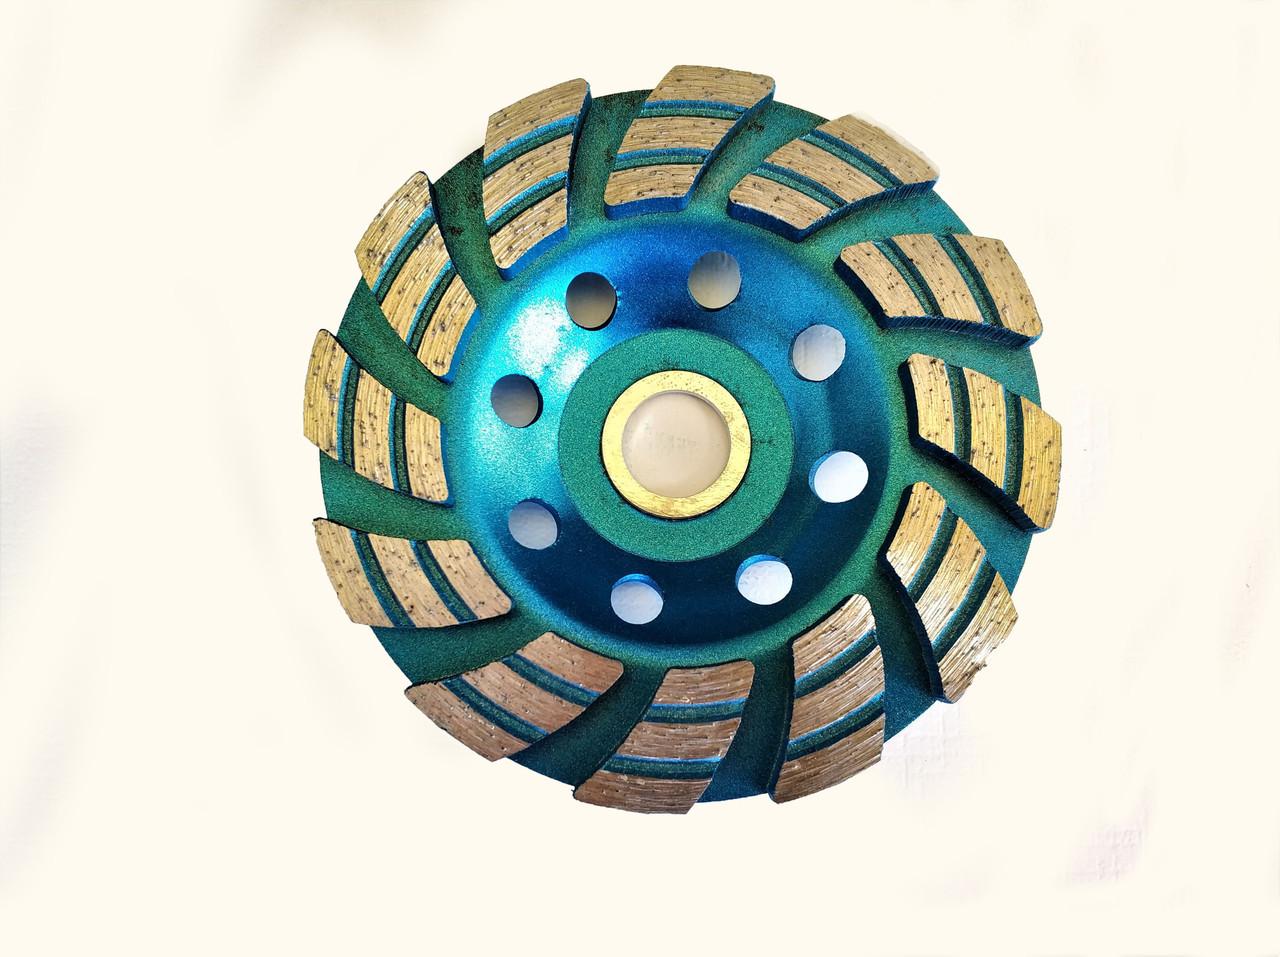 Диск алмазний CRAFT шліфувальний triplex row turbo 125*22,2mm*Т5 - сухе/мокре шліфування бетону, каменю